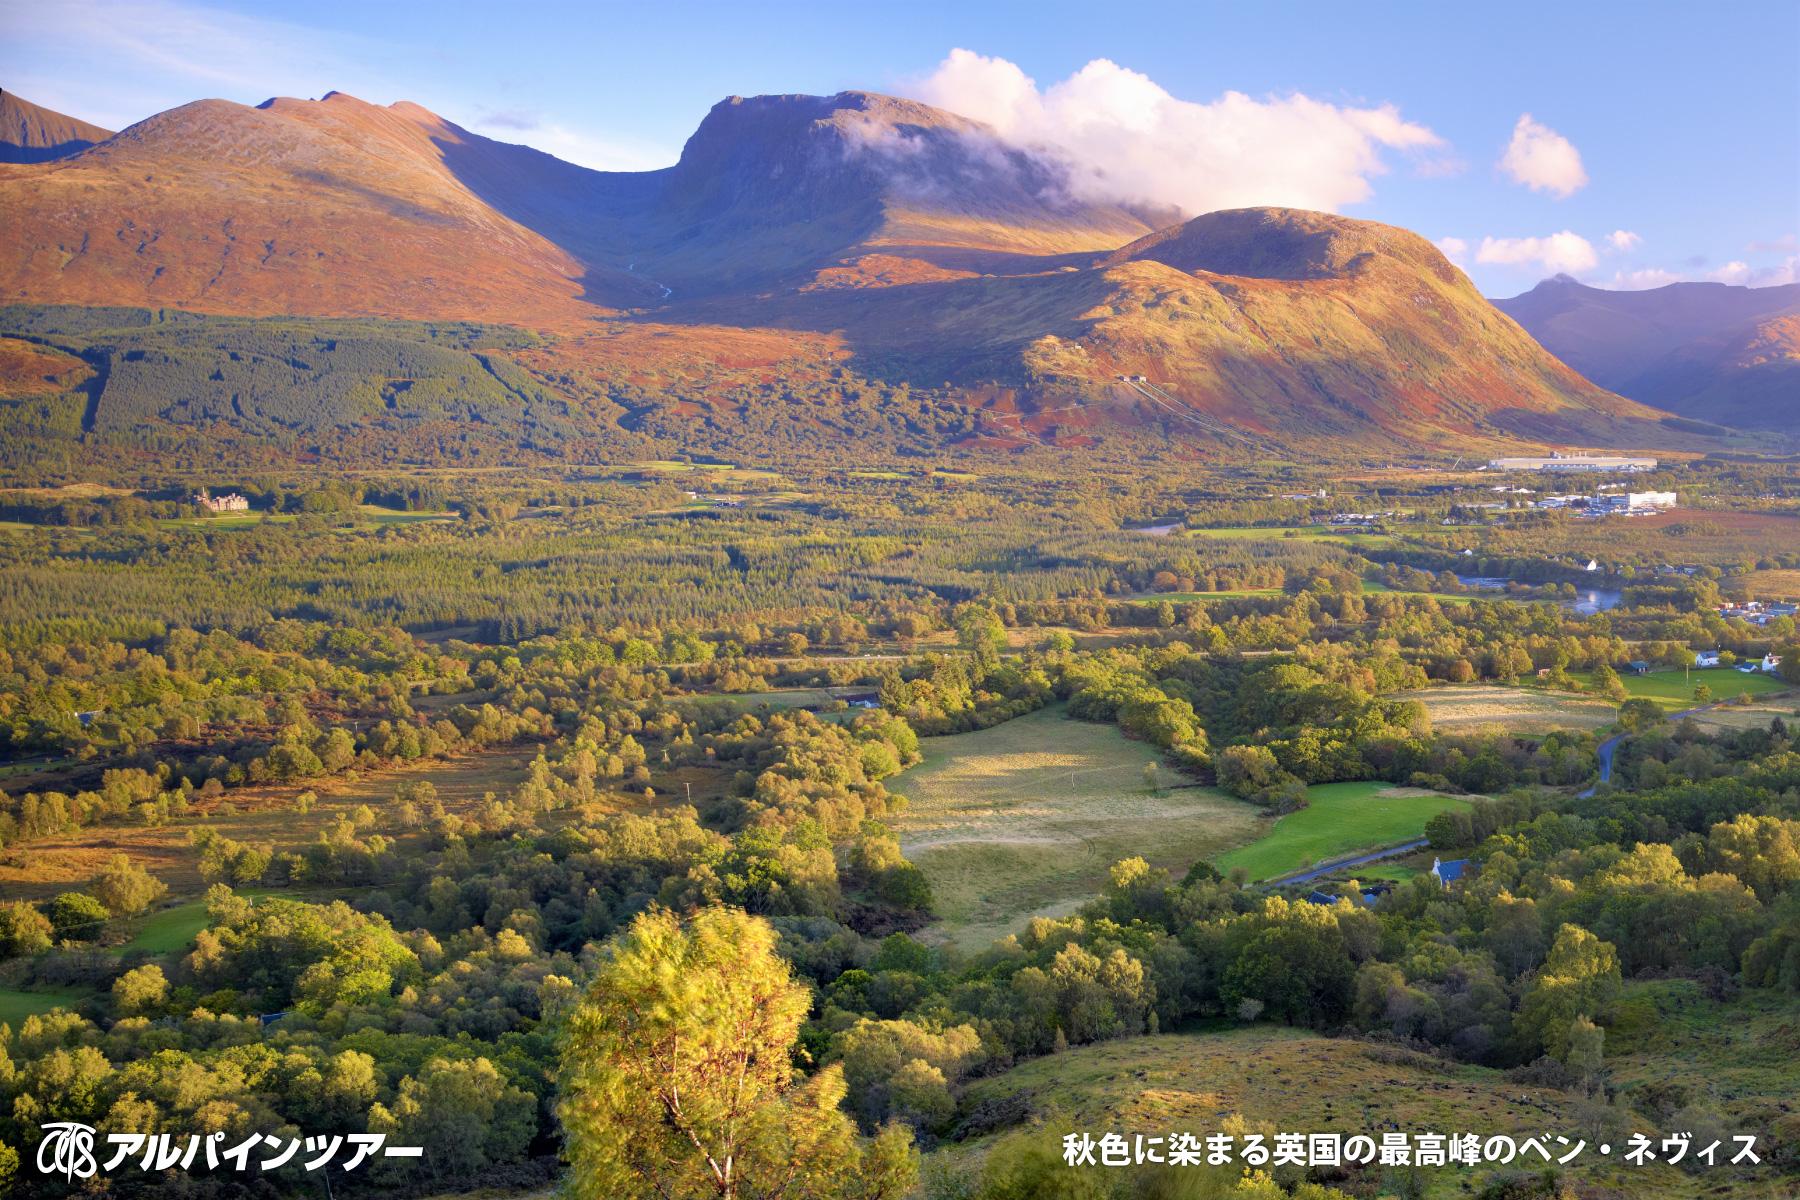 【今日の山】 英国最高峰 ベン・ネヴィス(1,344m)